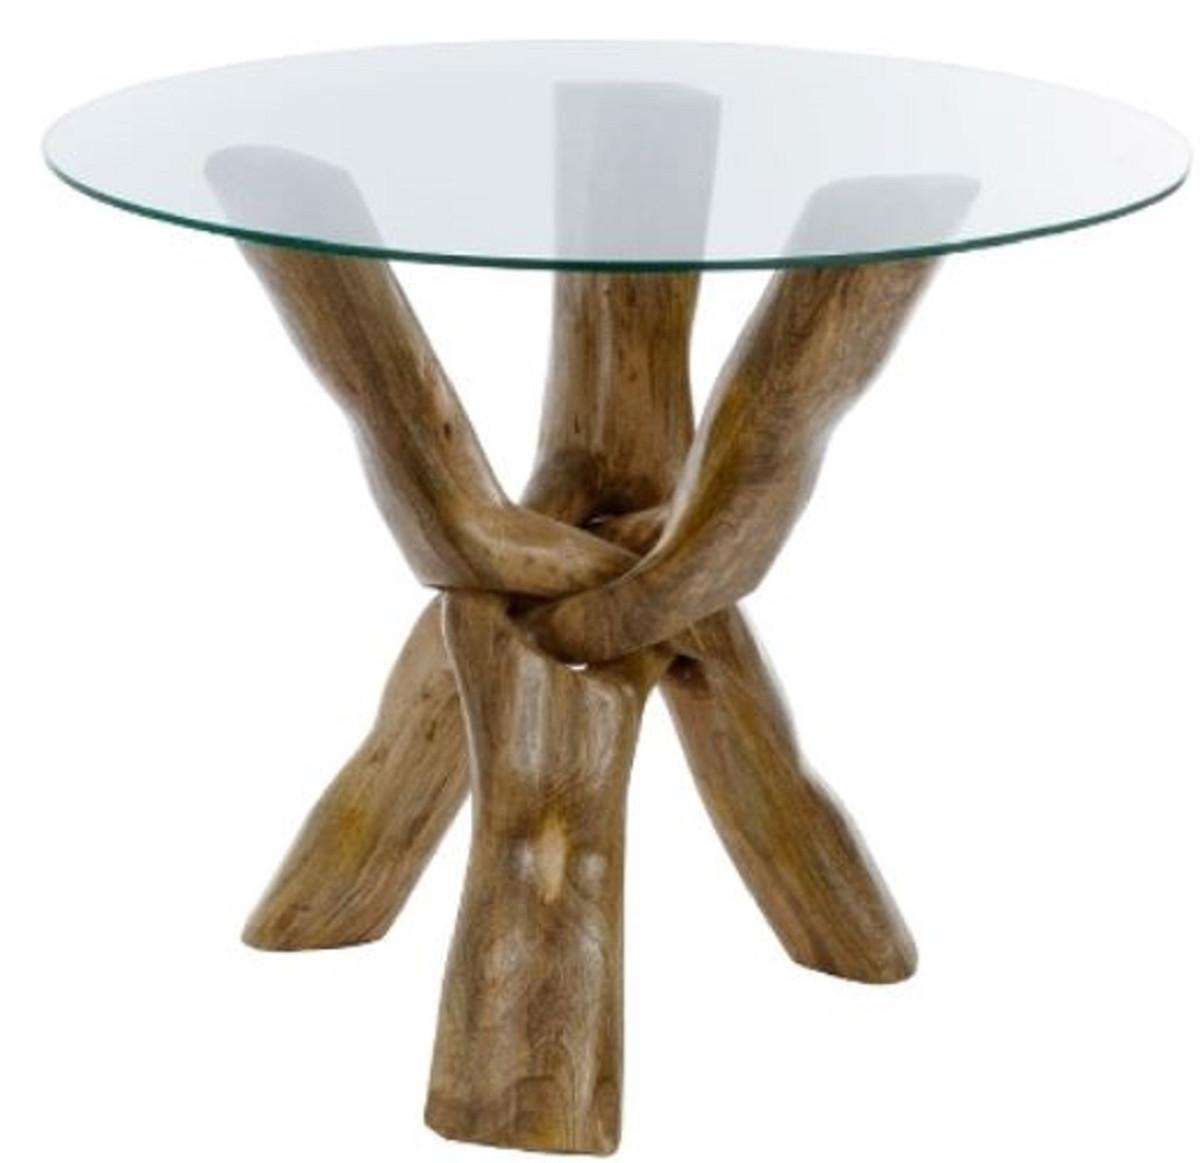 Casa Padrino Luxus Glastisch Braun Ø 90 x H. 73 cm - Dreibeiniger Runder Tisch 1